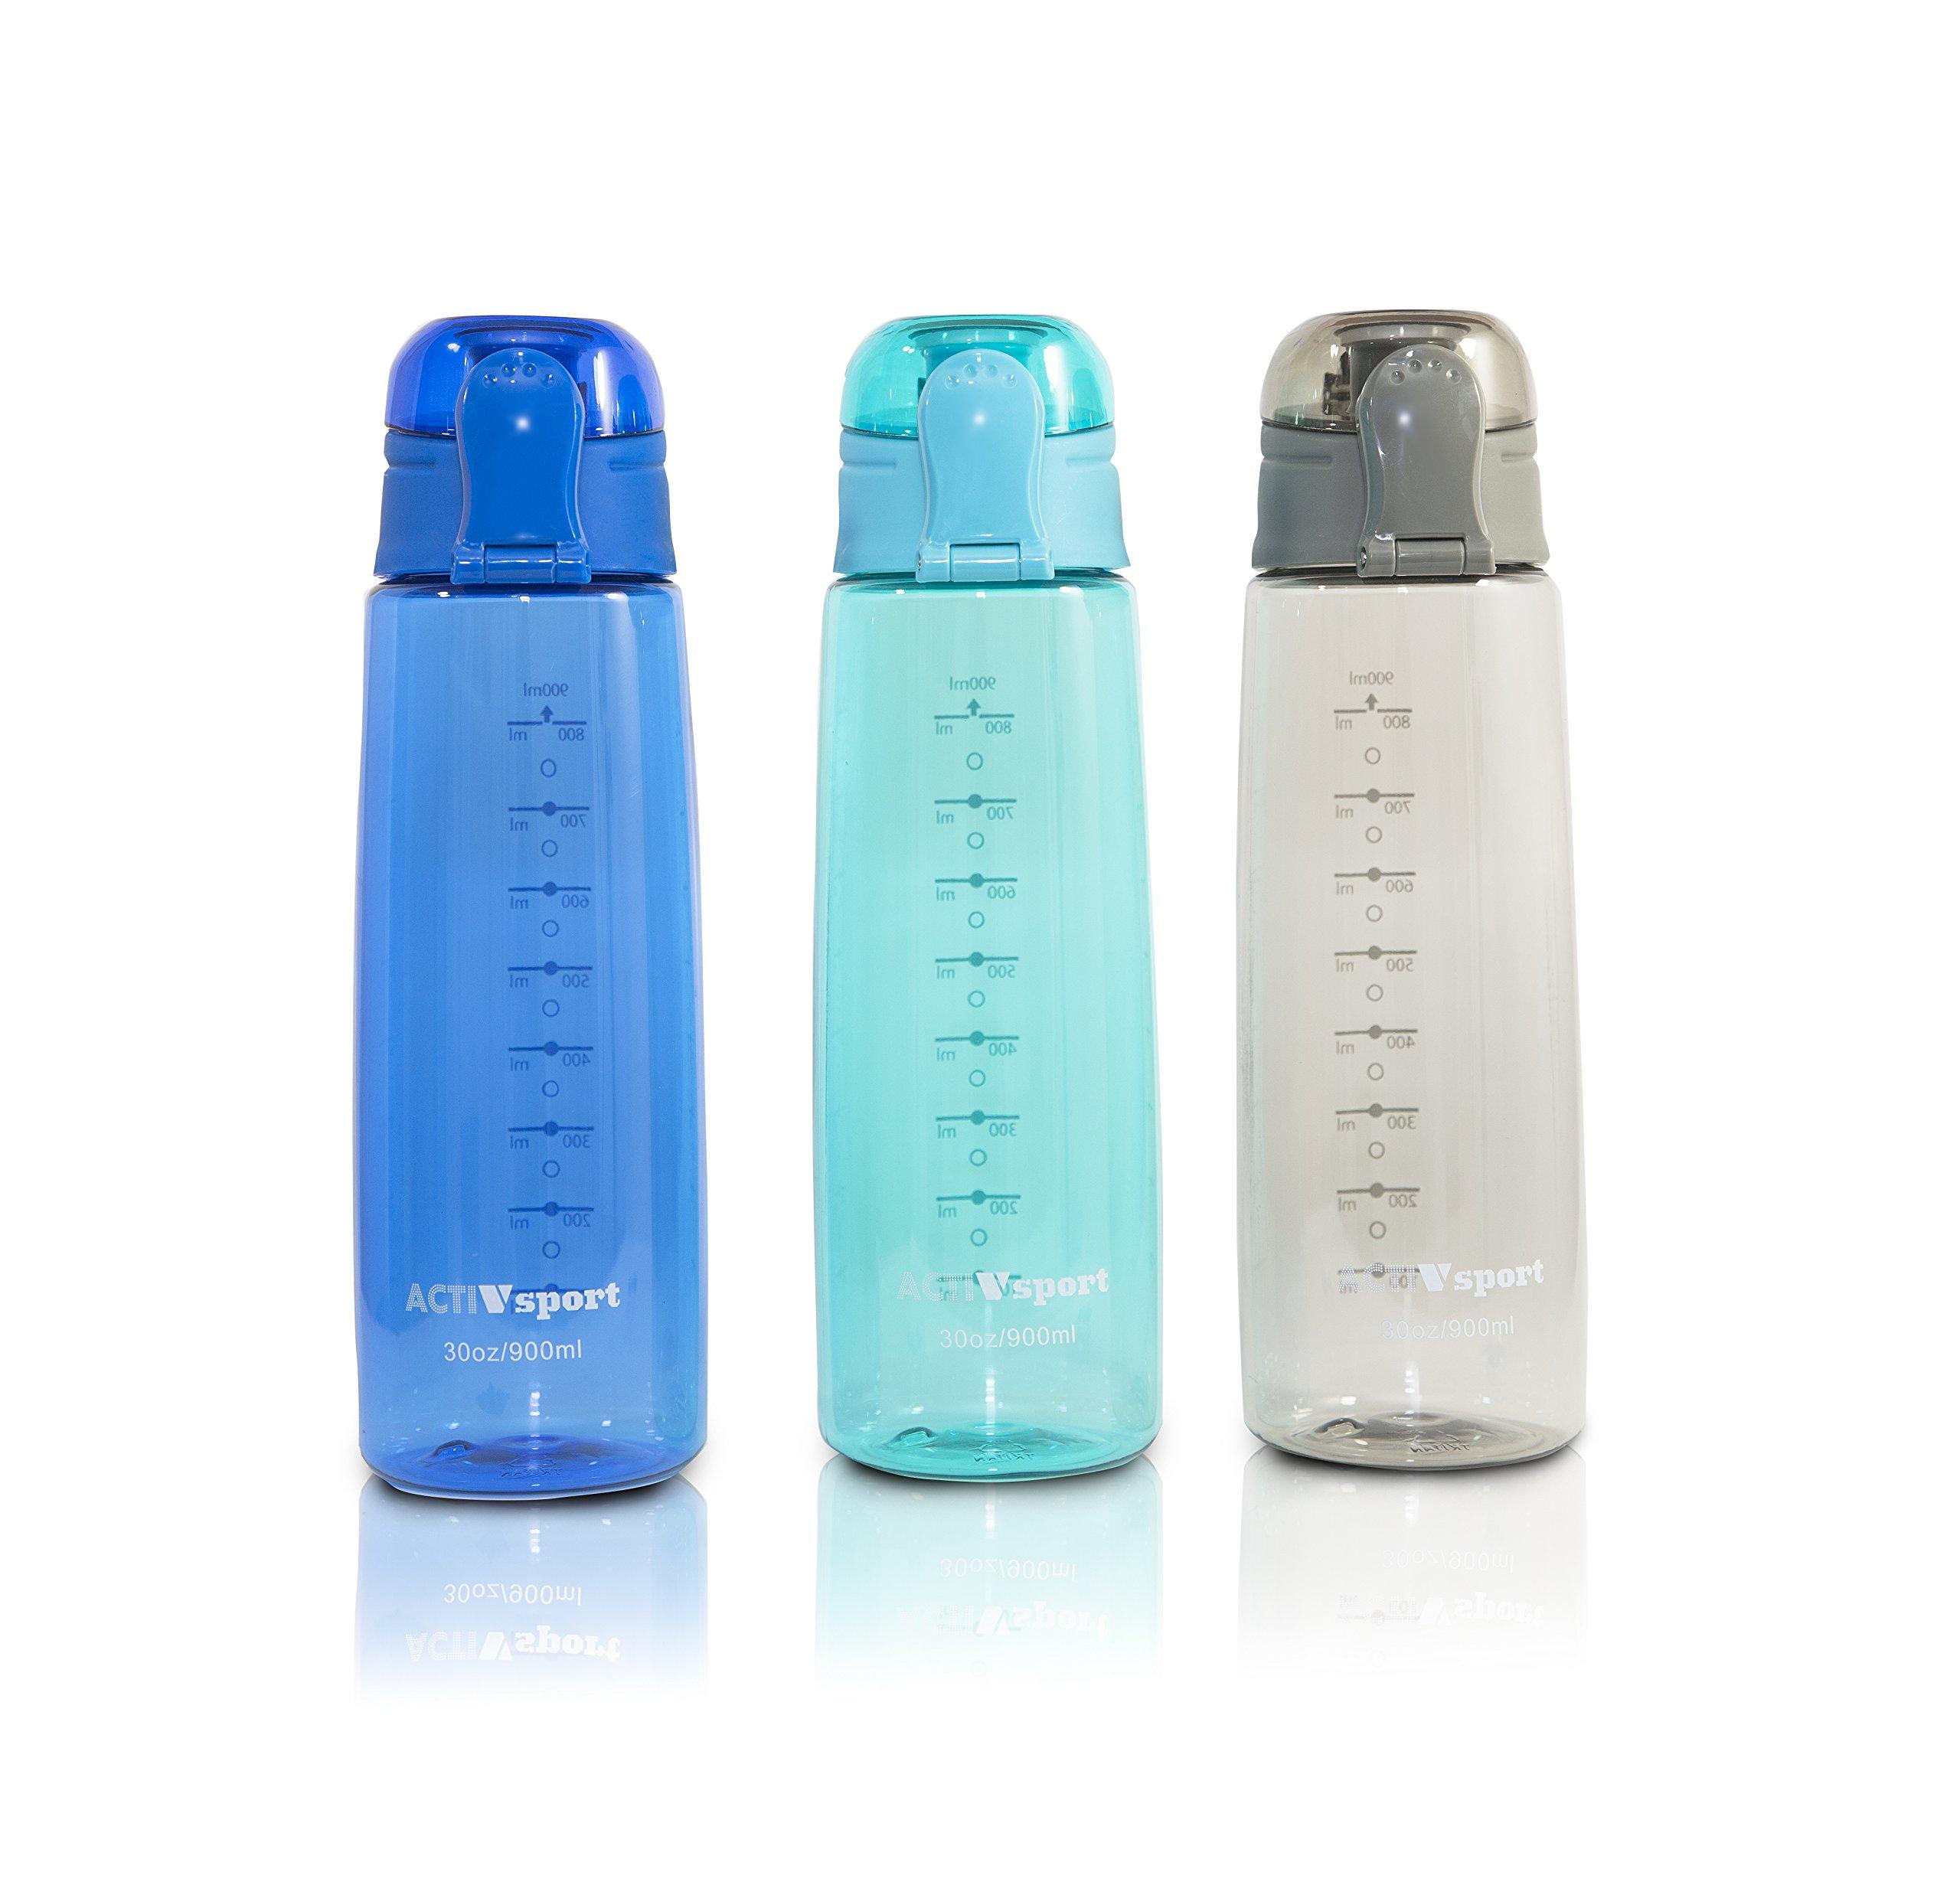 Sports Water Bottle 3-Pack Multi-Pack, 3 Colors - Eastman Tritan, BPA-Free, Leak-Proof - Secured & Locking Lid, Break-Resistant - 30oz (900mL) - by Unity … (Gray/Turquoise/Blue)